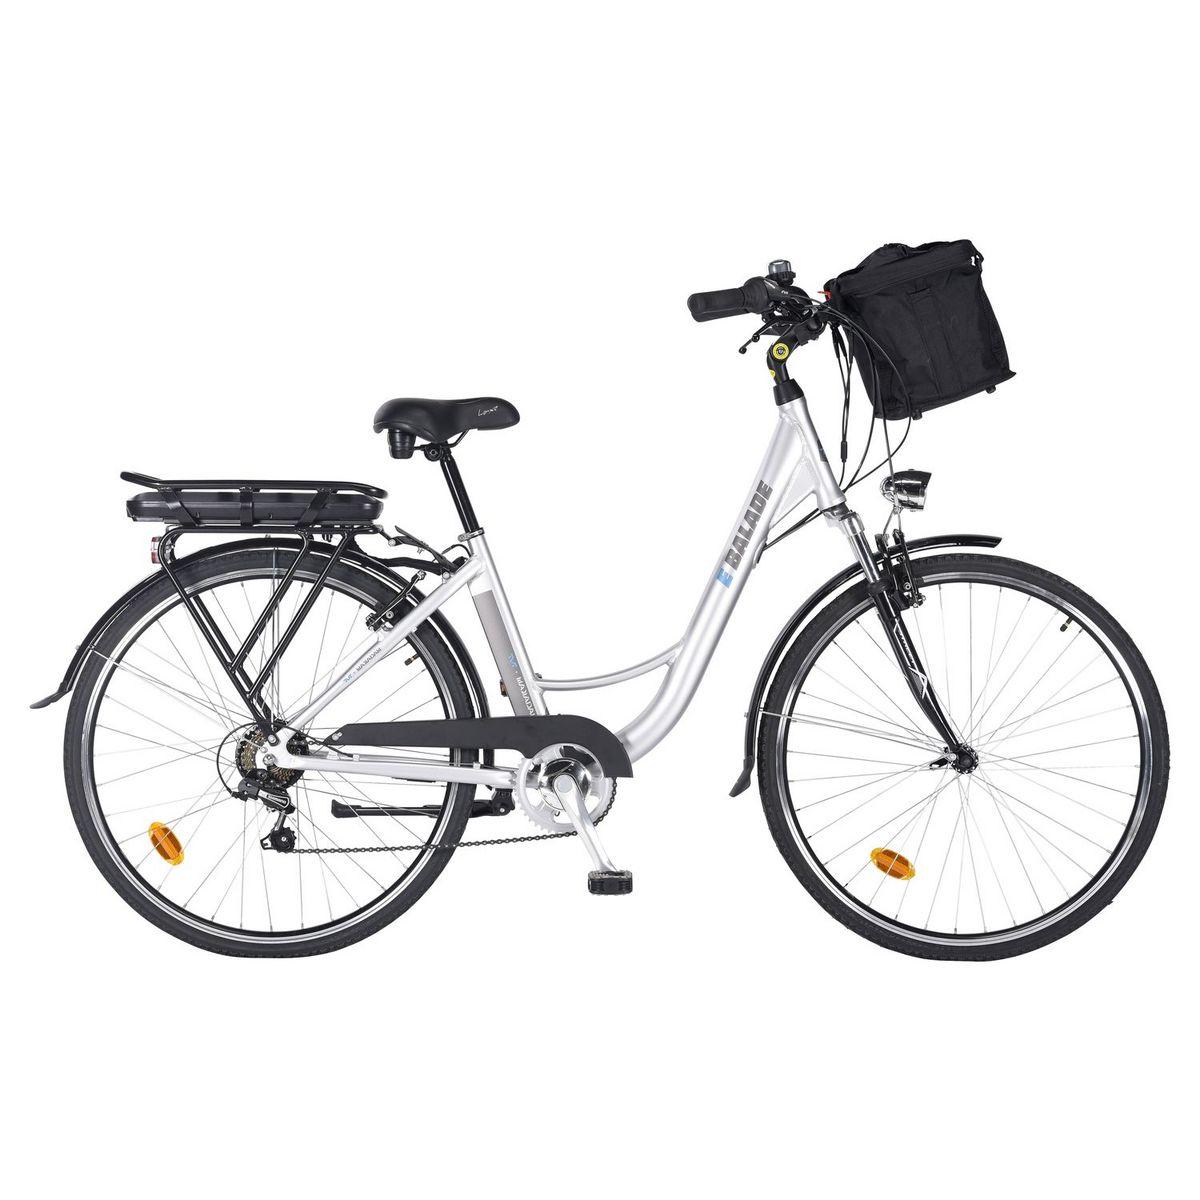 Vélo à assistance électrique - E-Balade - Argent